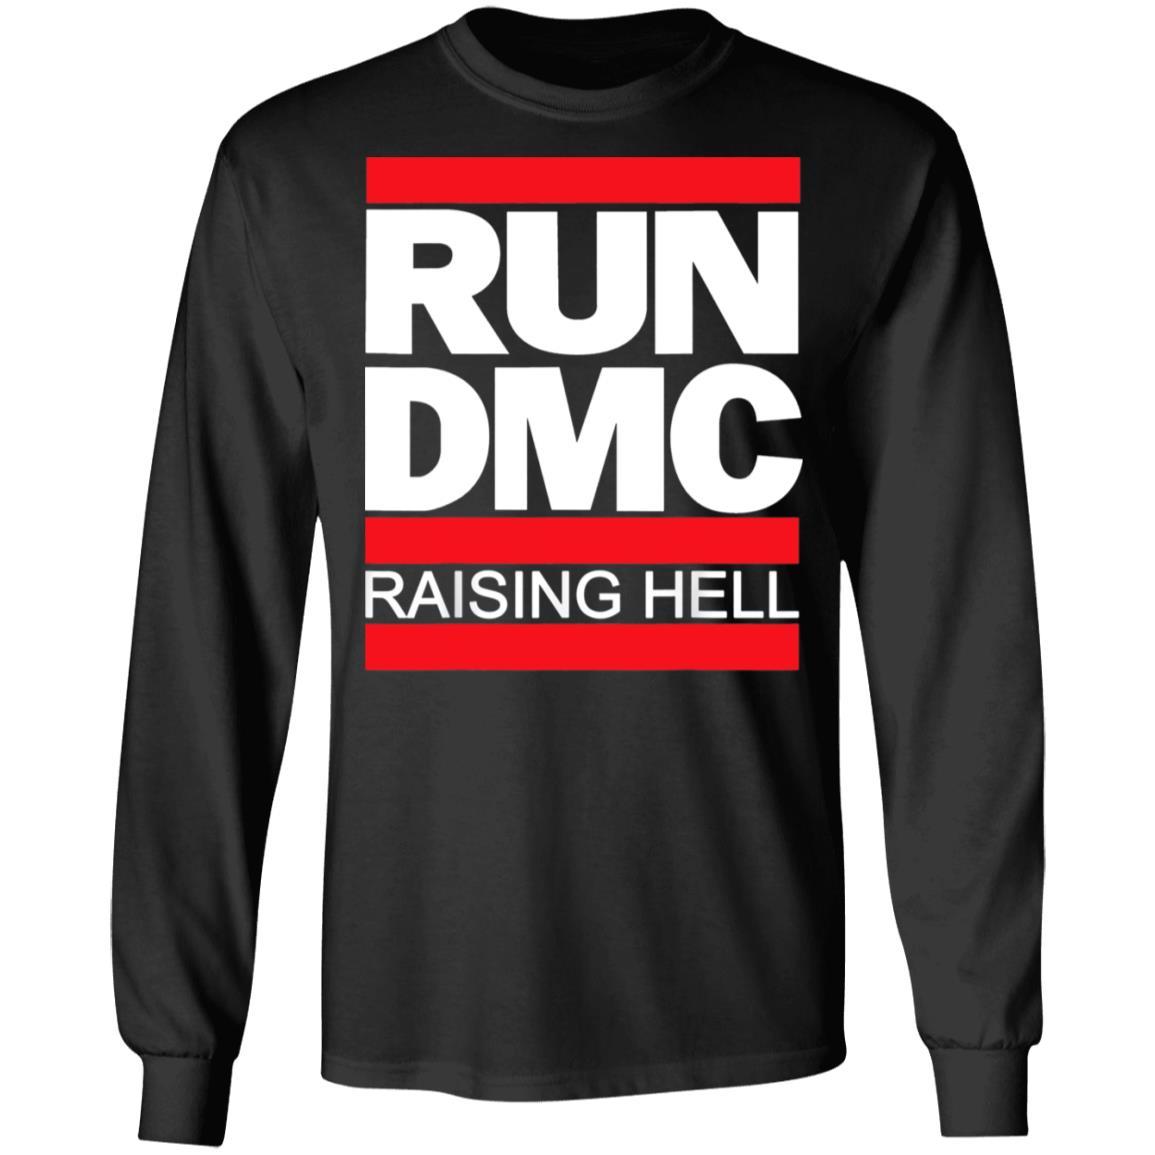 USA Cool Gift - Run DMC Official Logo Raising Hell Long Sleeve T-Shirt S-5XL